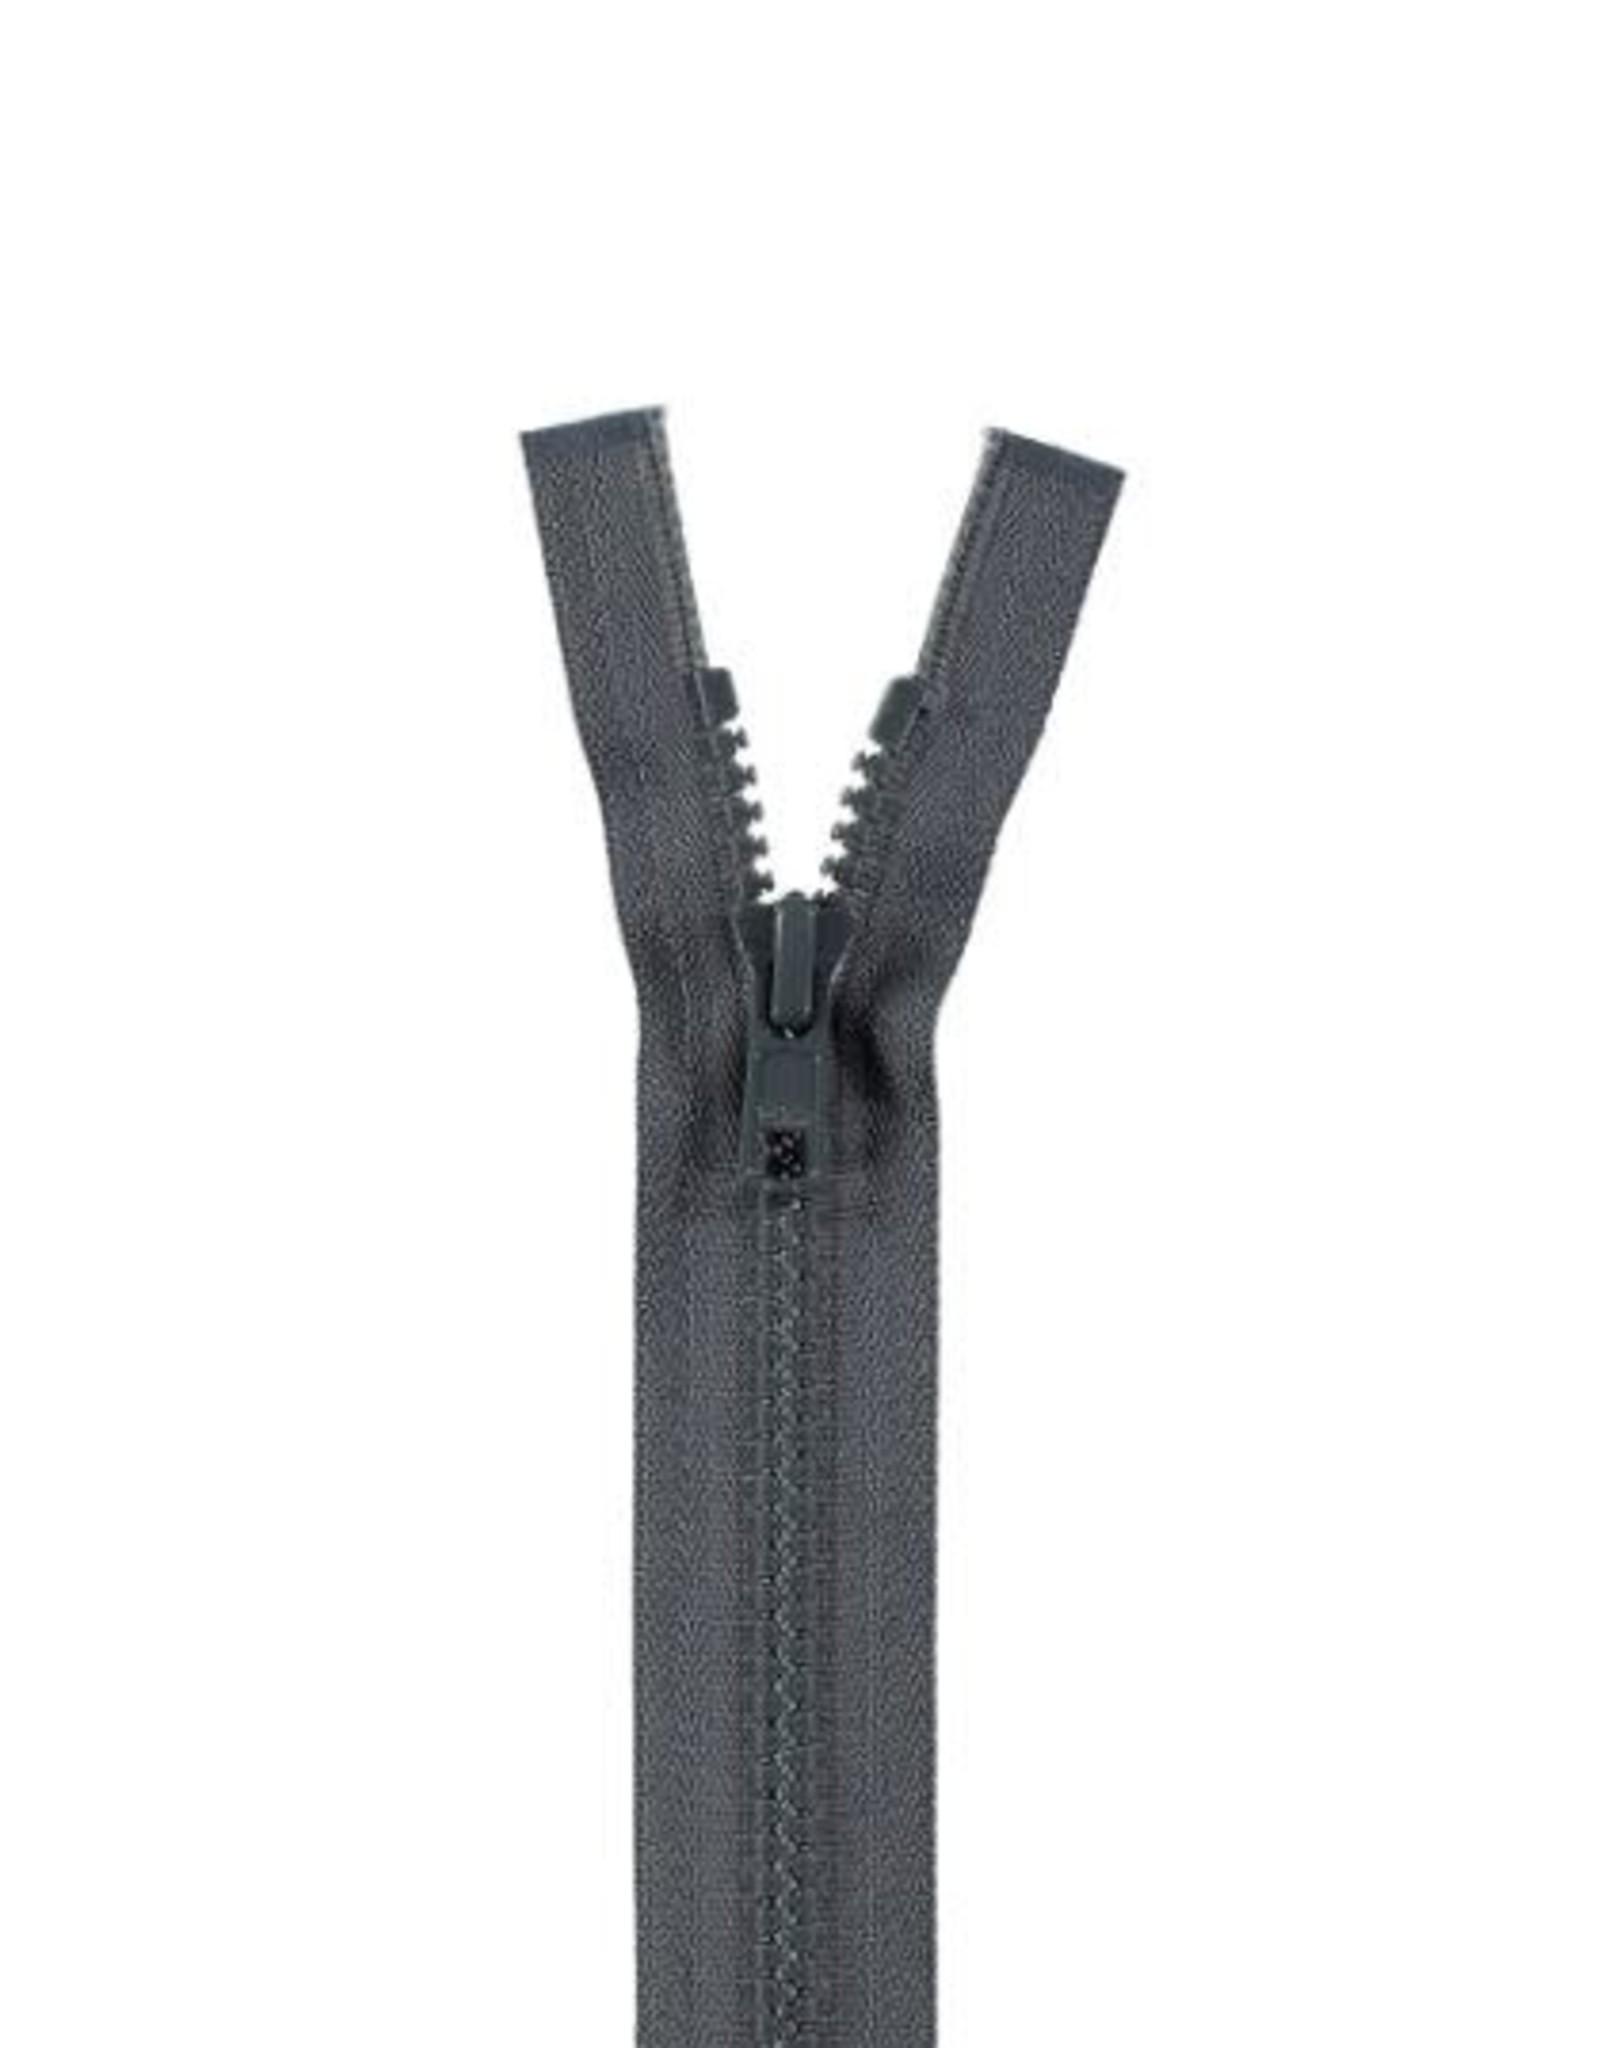 YKK BLOKRITS 5 DEELBAAR d. grijs 579-25cm